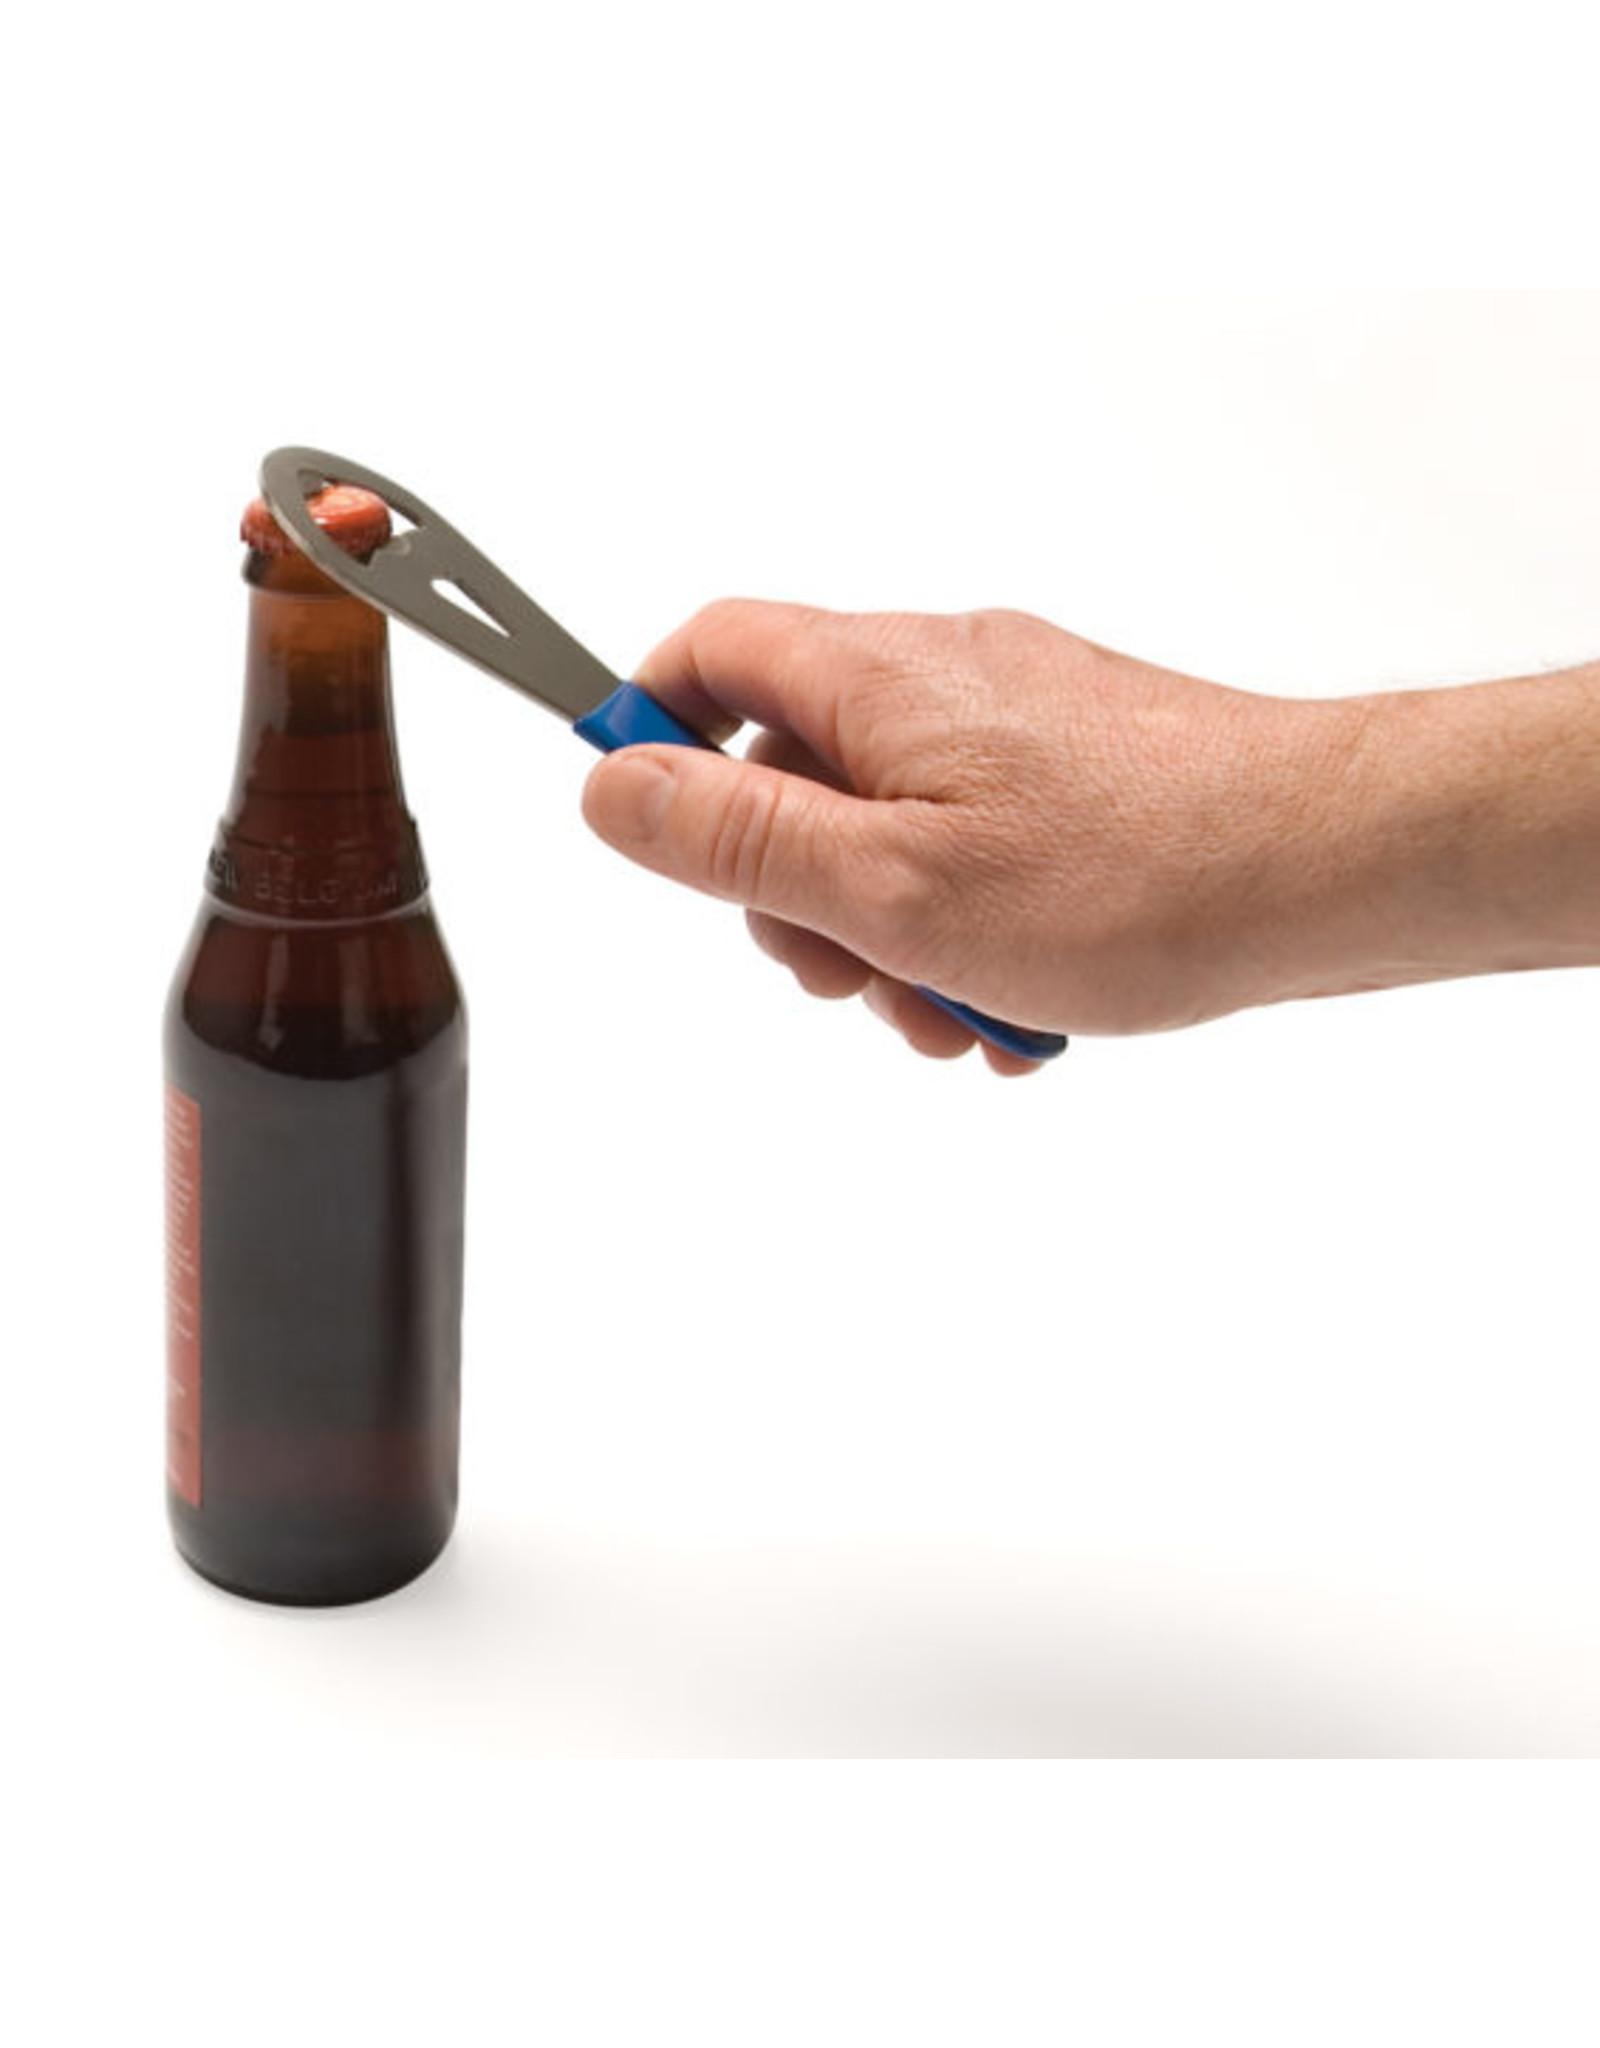 PARK TOOL Park Tool, BO-2, Bottle opener